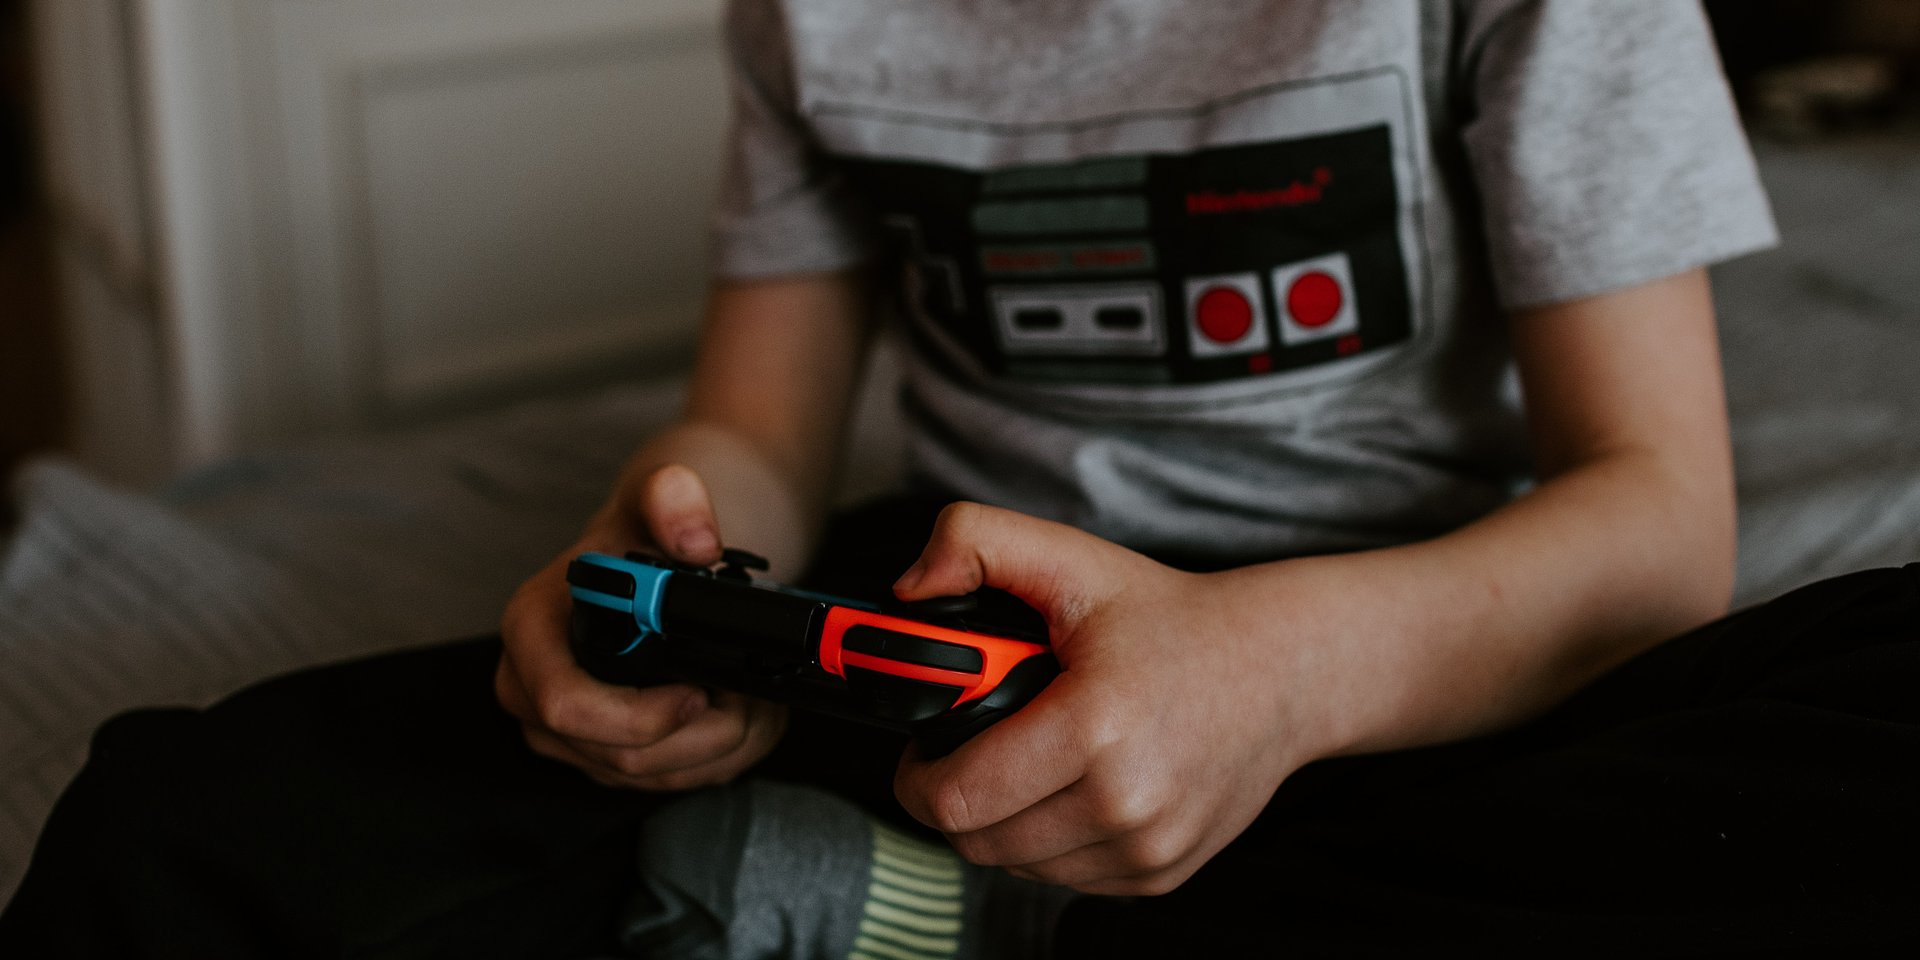 Prawie 90% nastolatków w Polsce gra w gry – Jak ta forma rozrywki wpływa na ich rozwój?